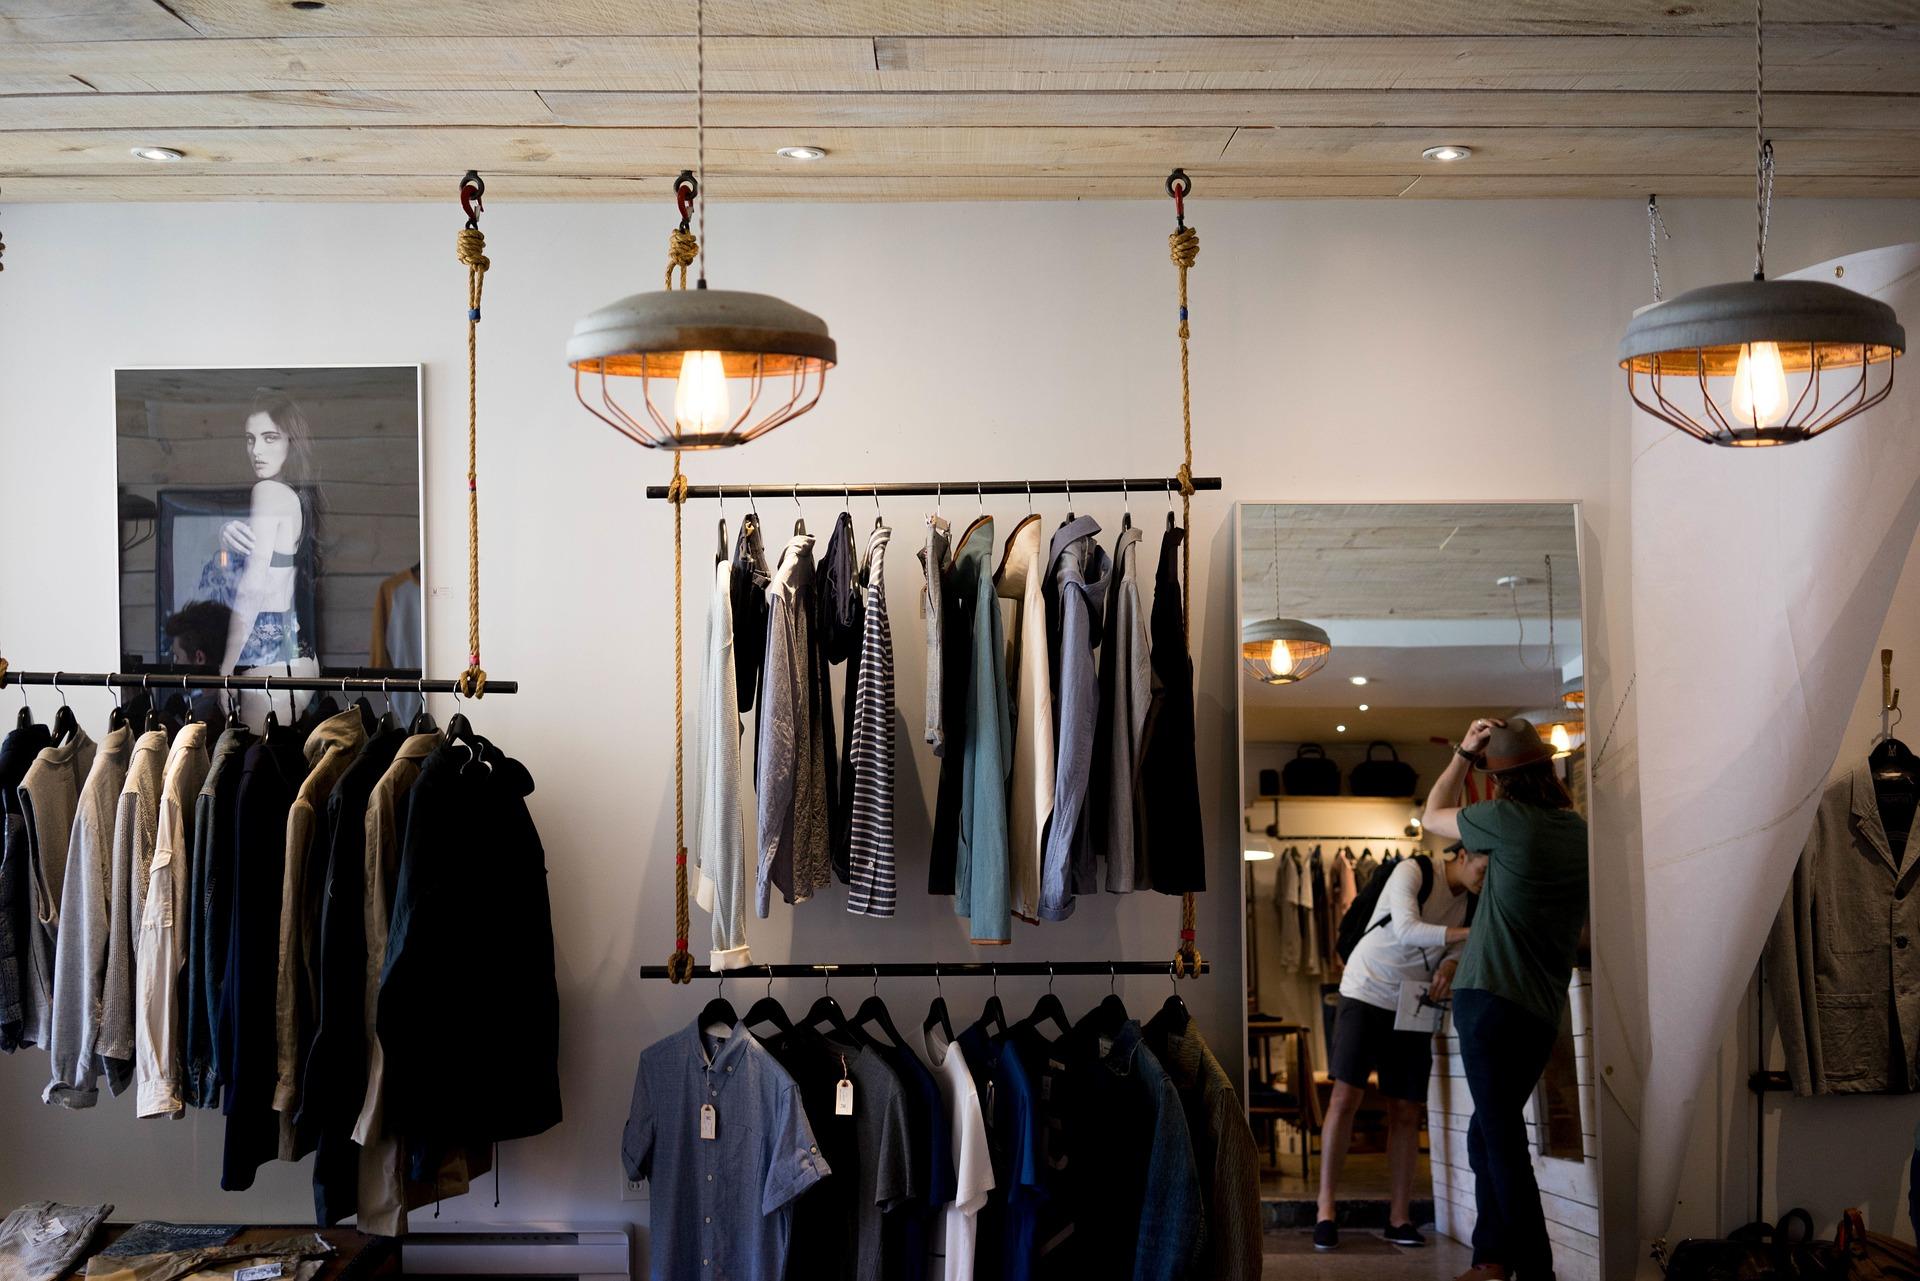 MyFrenchLife™ – MyFrenchLife.org - French men's style - French fashion - Clothing Store